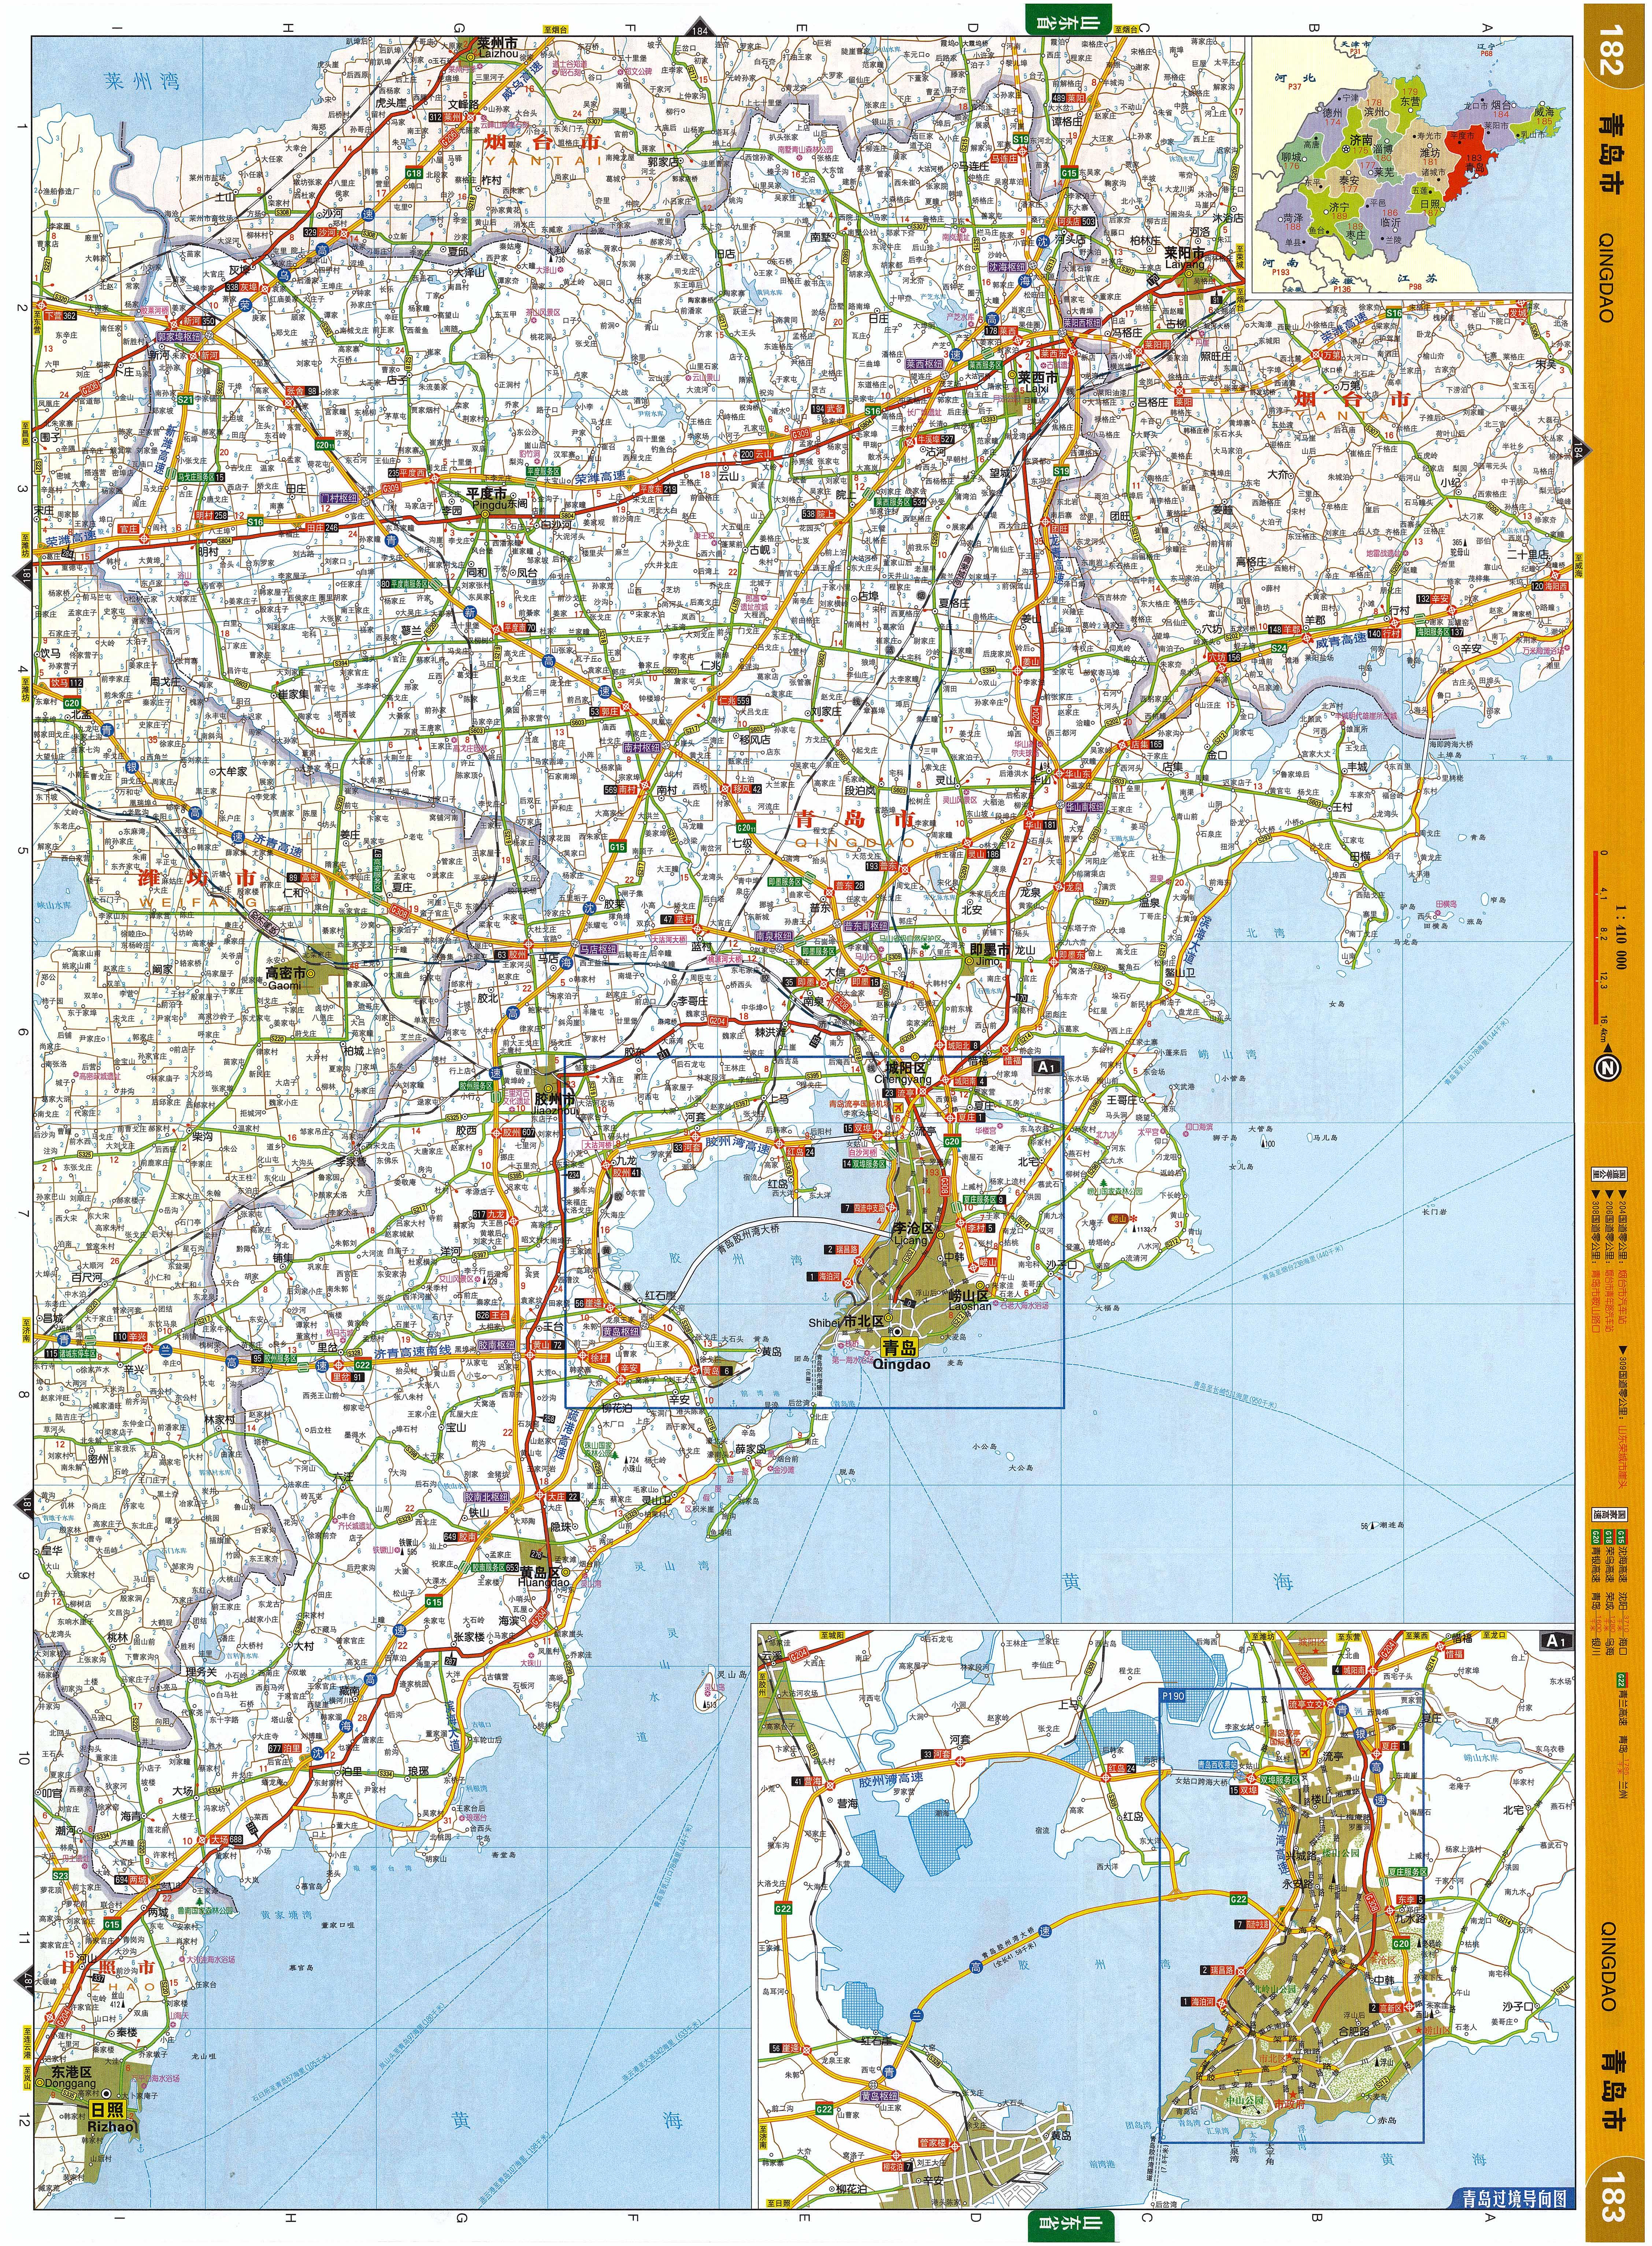 青岛市交通地图全图高清版